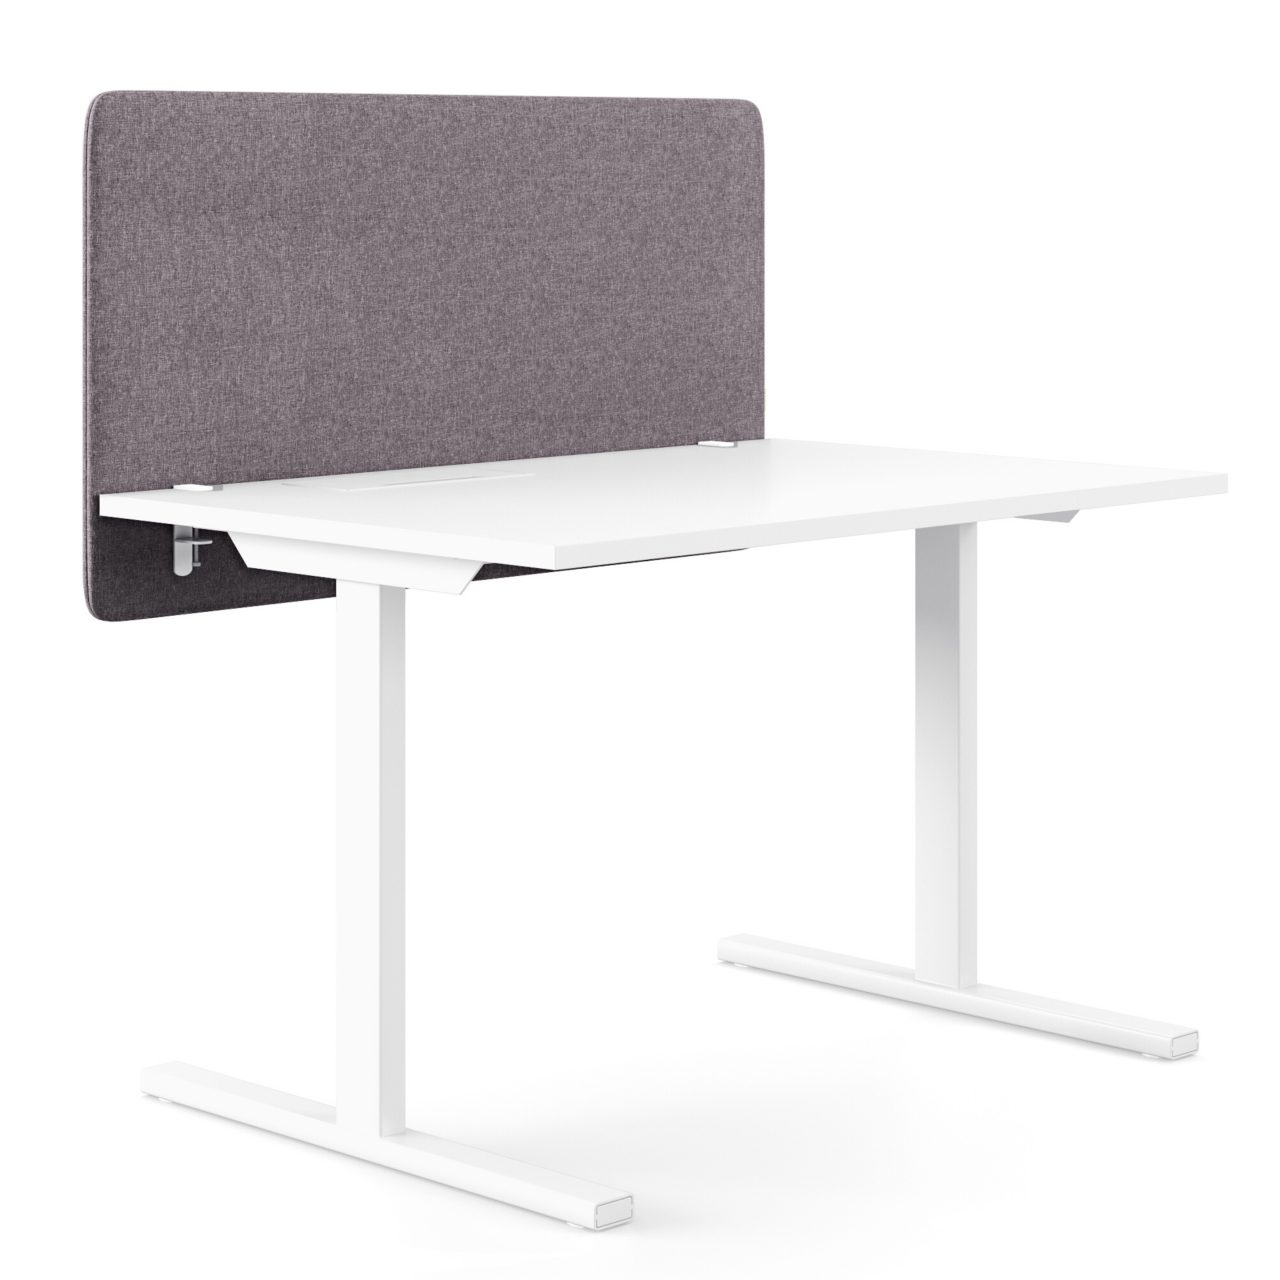 Tischtrennwand Levis bewertet mit Absorberklasse A sorgt für eine höchst effiziente Dämmung von Arbeitsgeräuschen. Die einfache Schraubmontage ist für diverse Tischplatten geeignet.